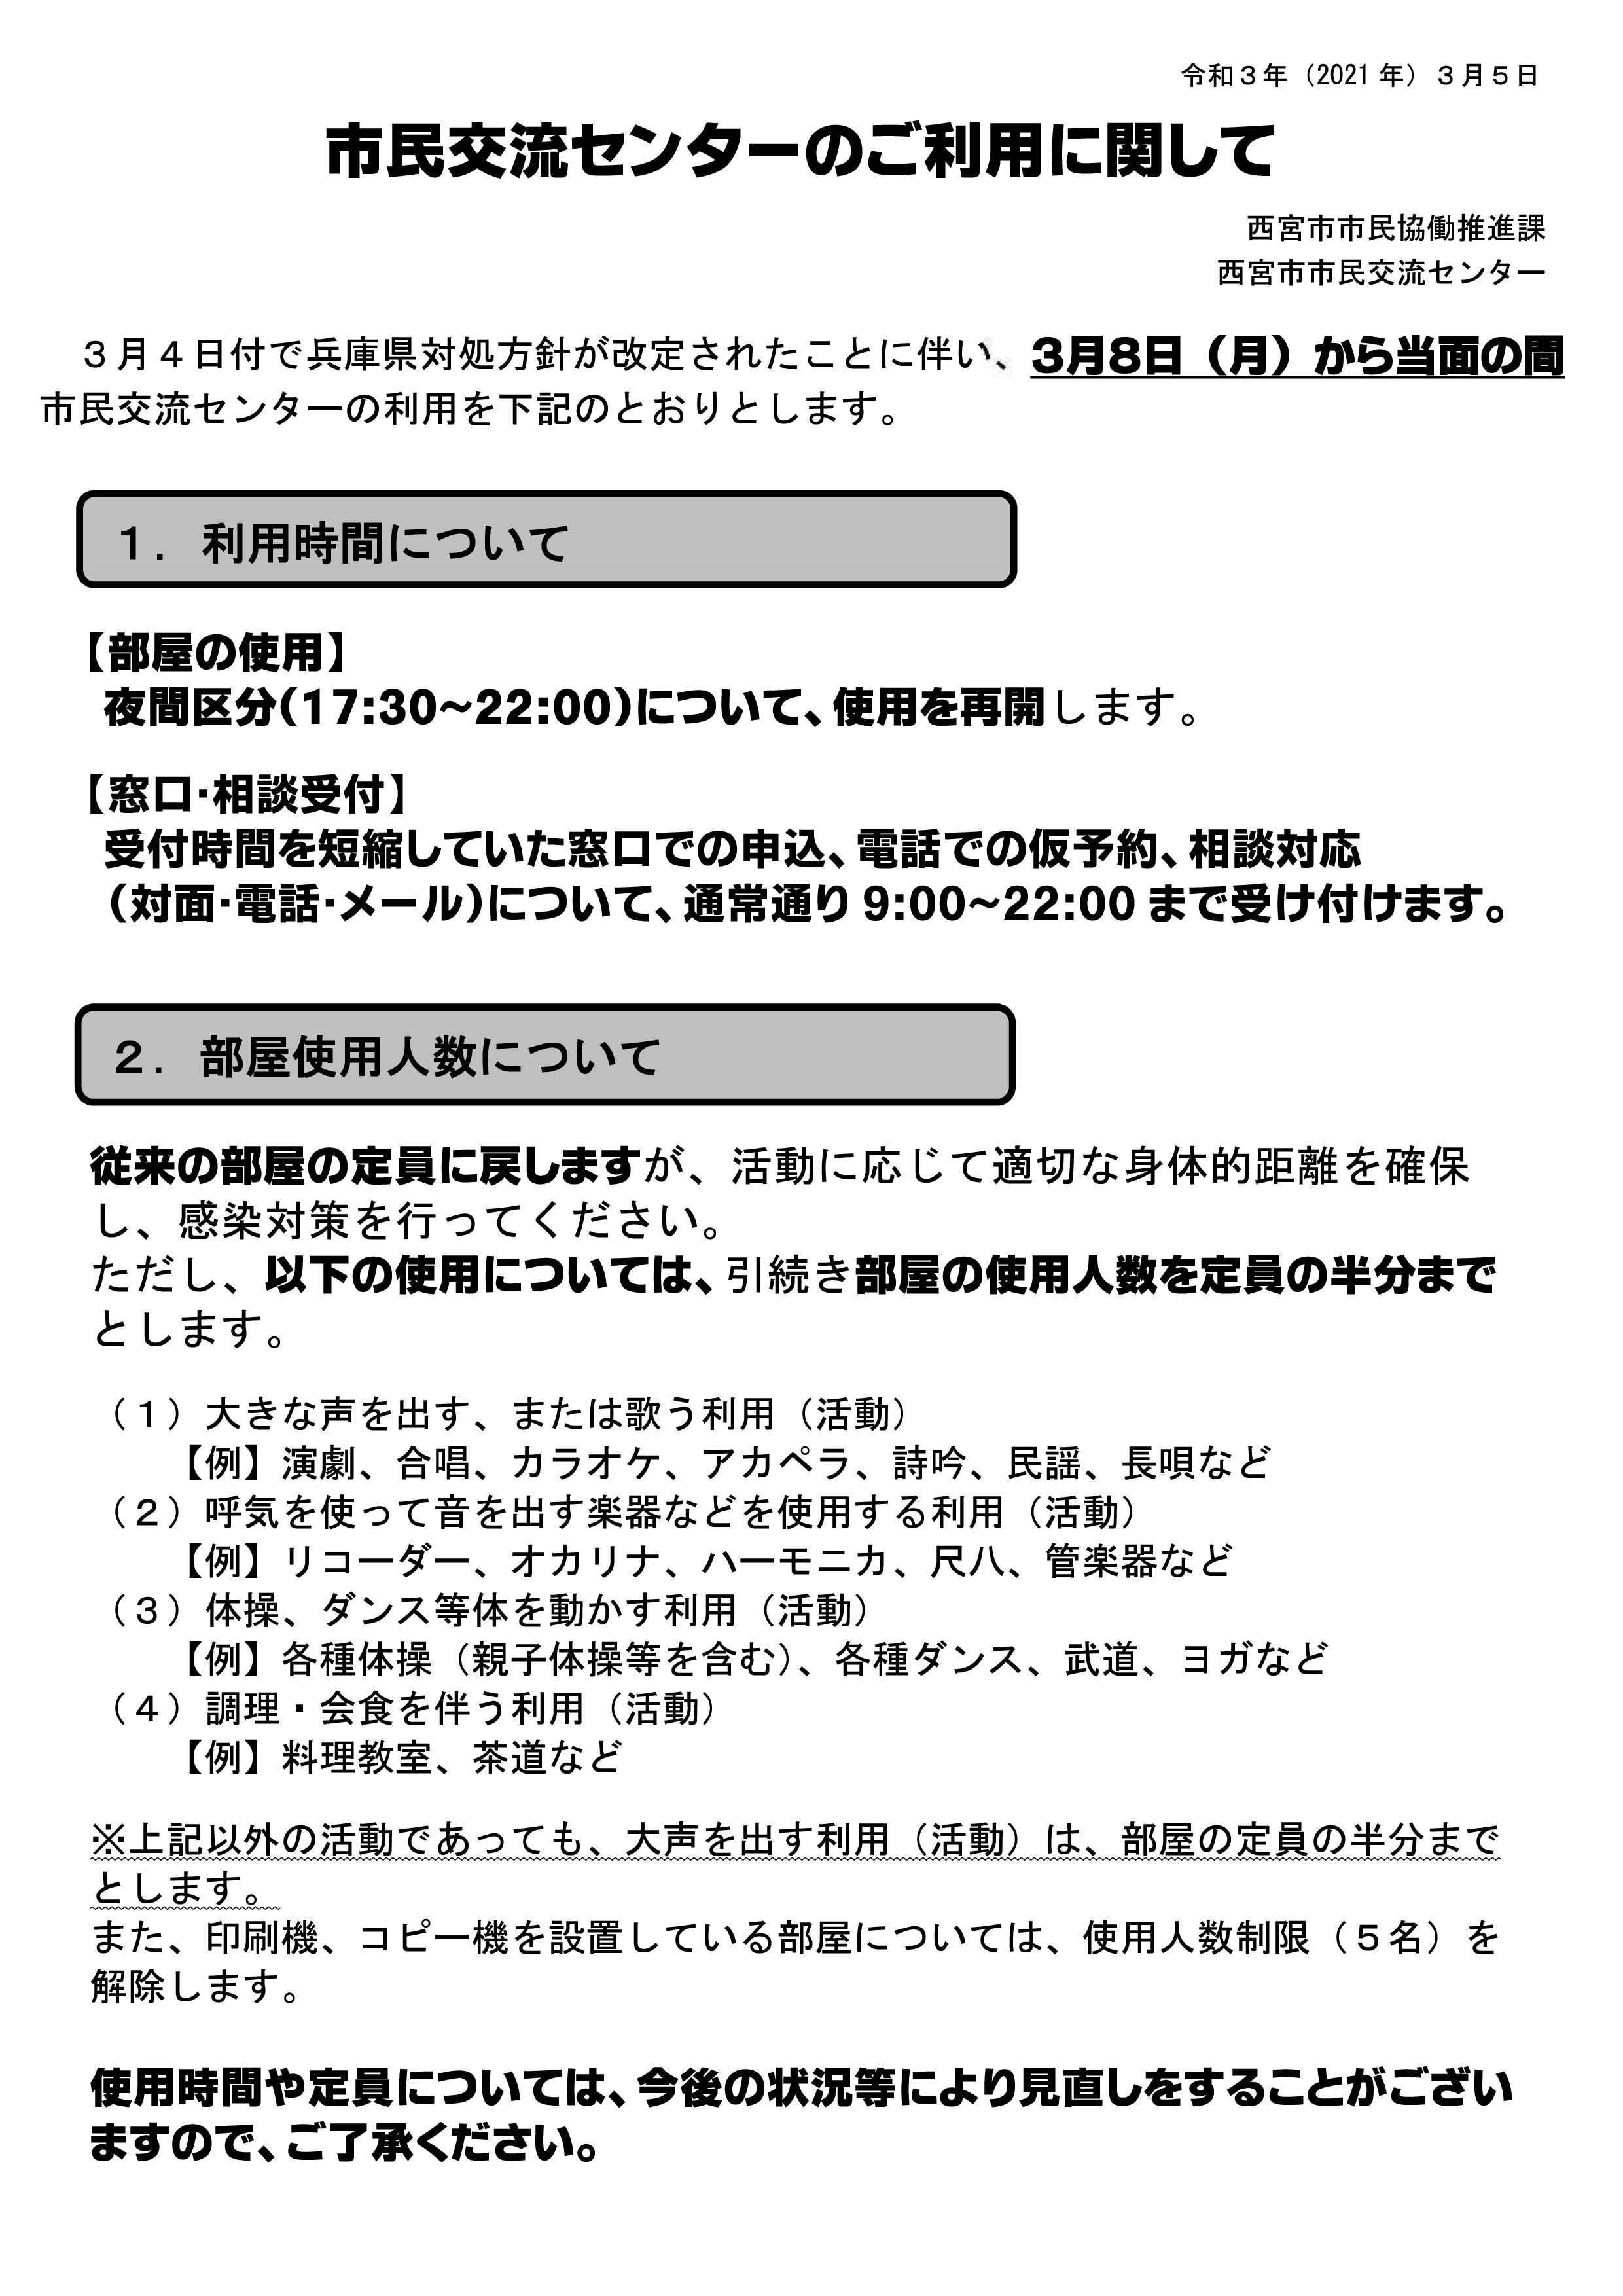 【団体向け案内】時間制限解除・人数制限緩和_20210308-1